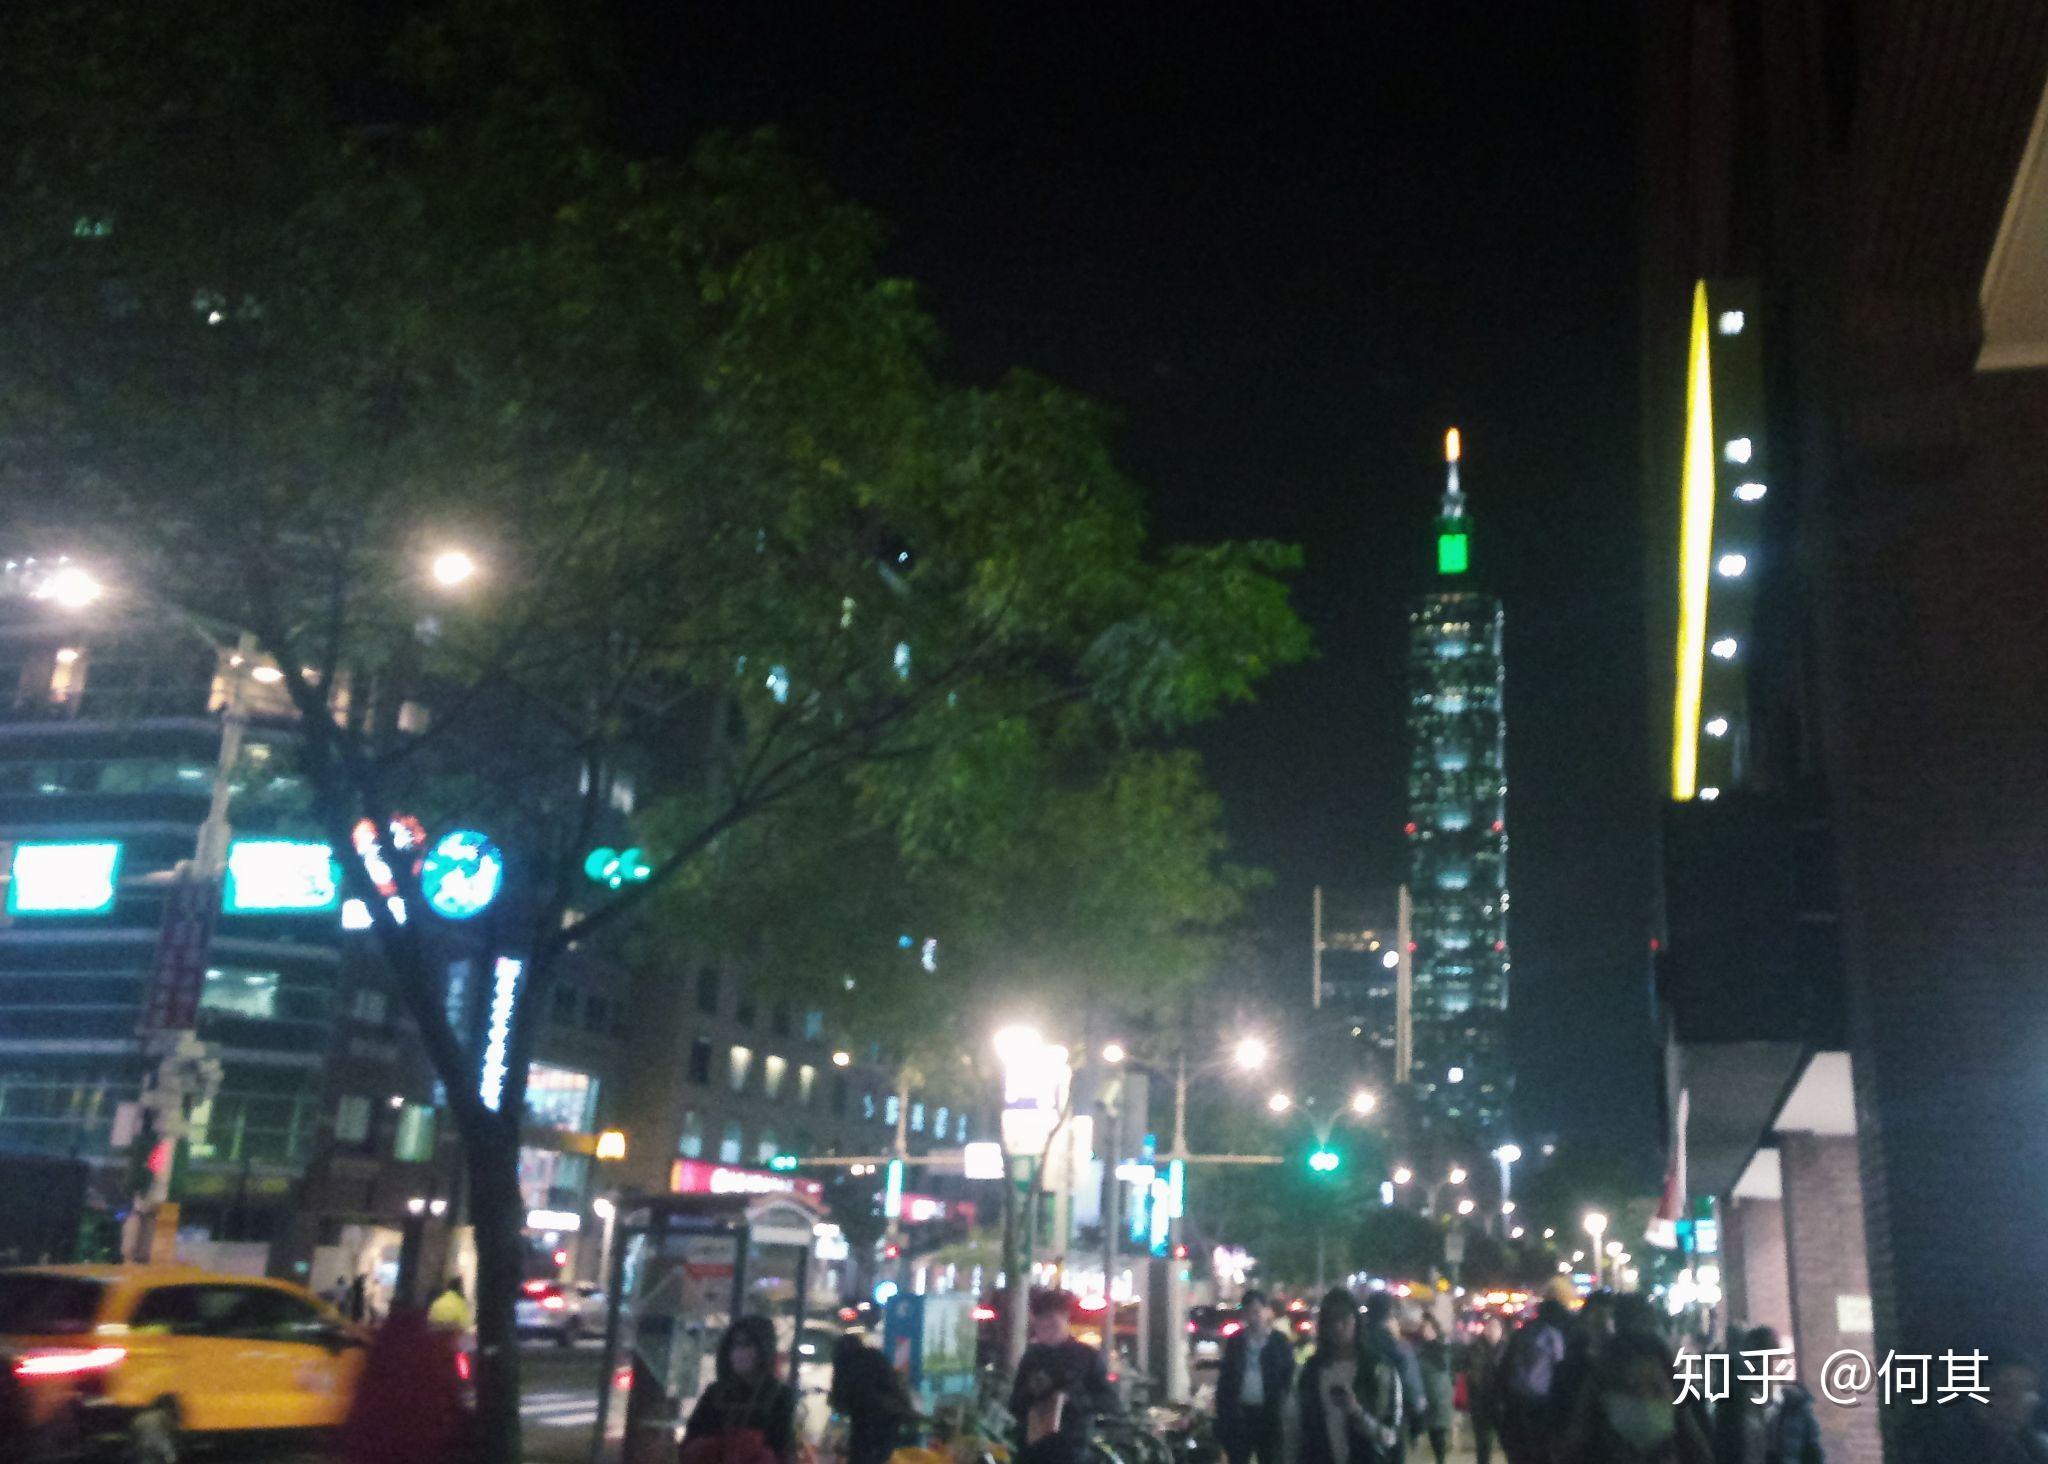 陕西西线旅游景点图片